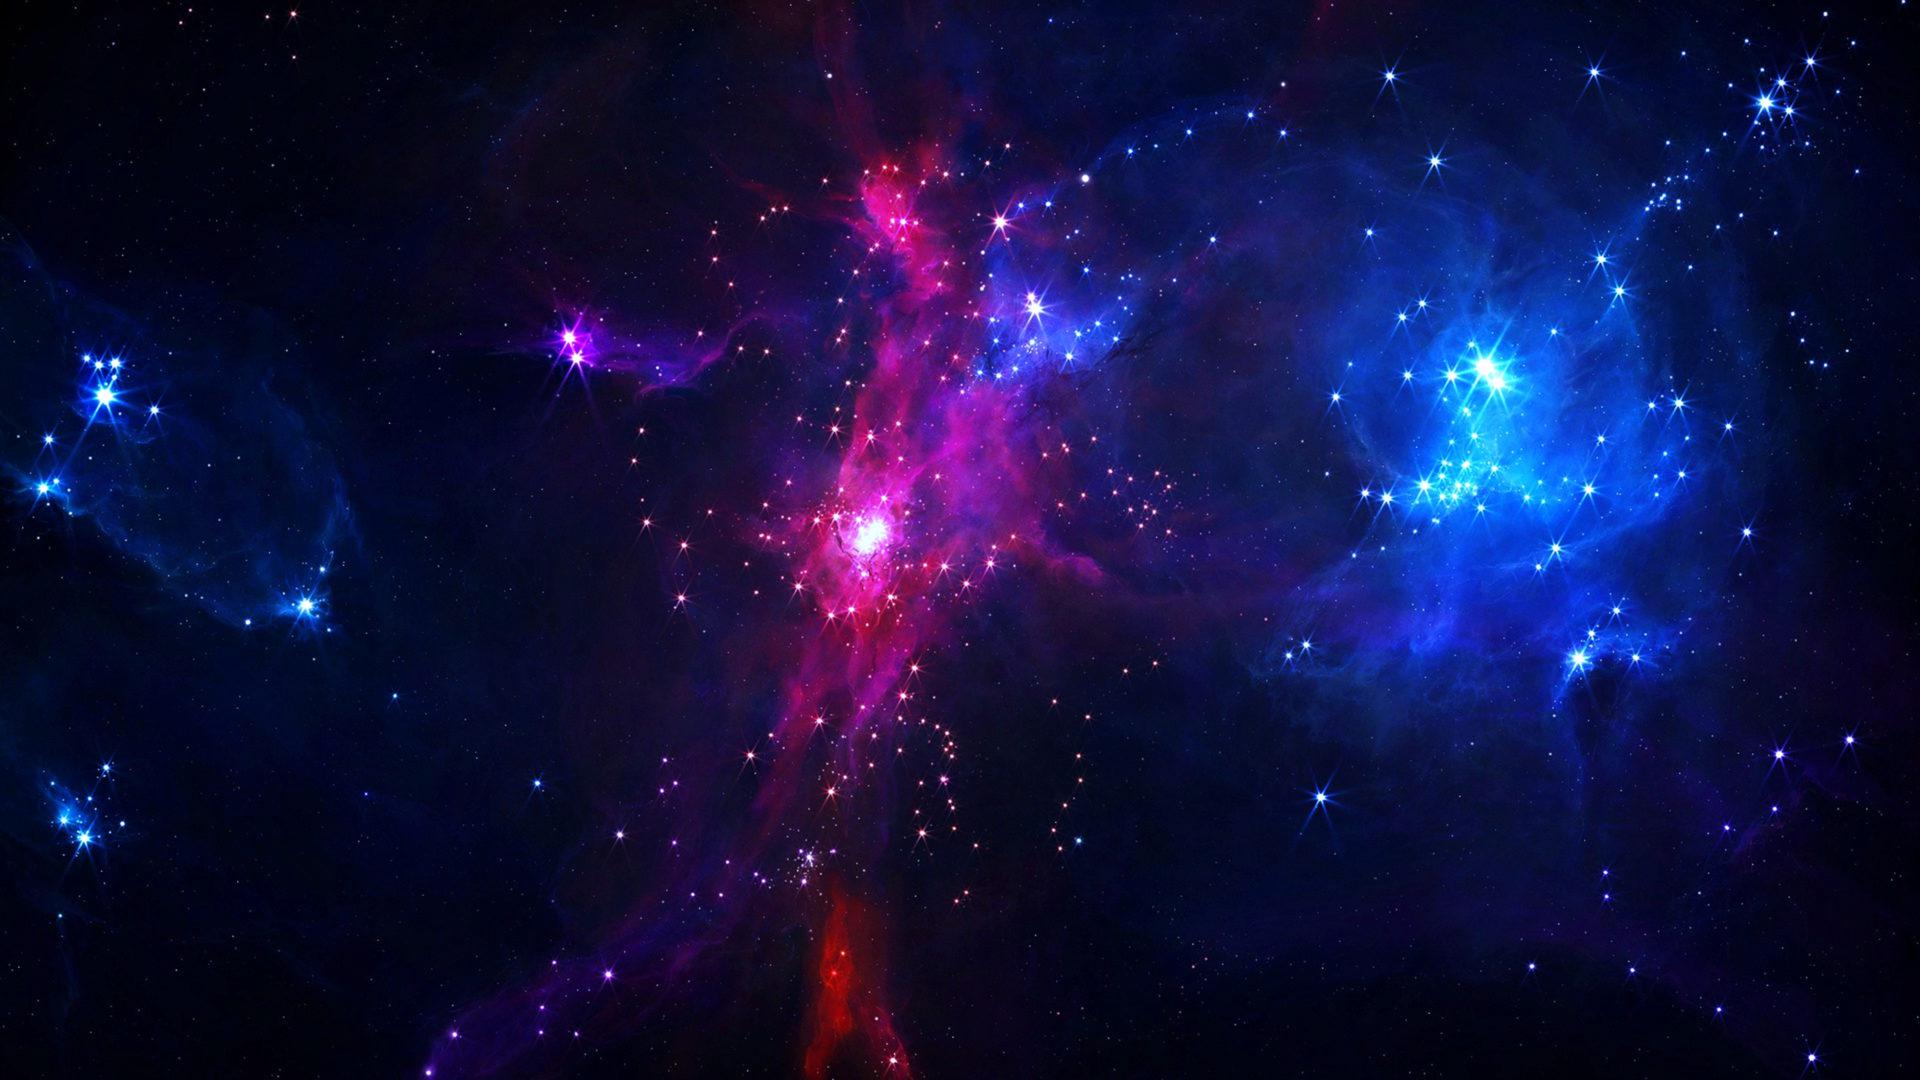 съемка способ красивые обои на телефон вселенная картинки условиях